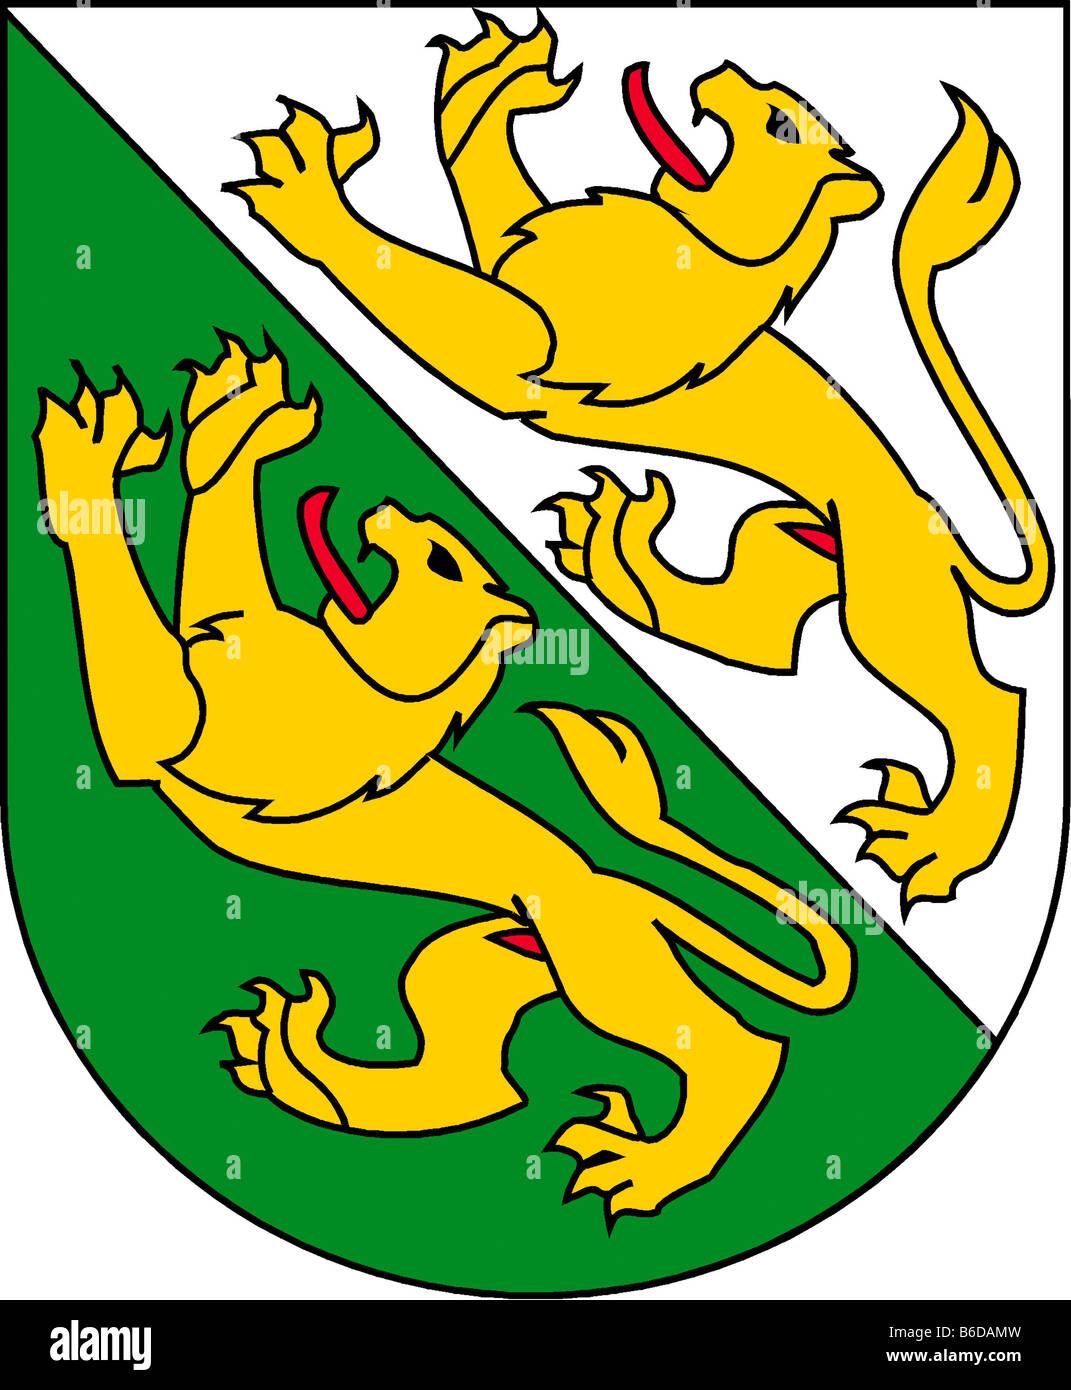 Abbildung Flagge des Kantons Thurgau Schweiz Stockbild